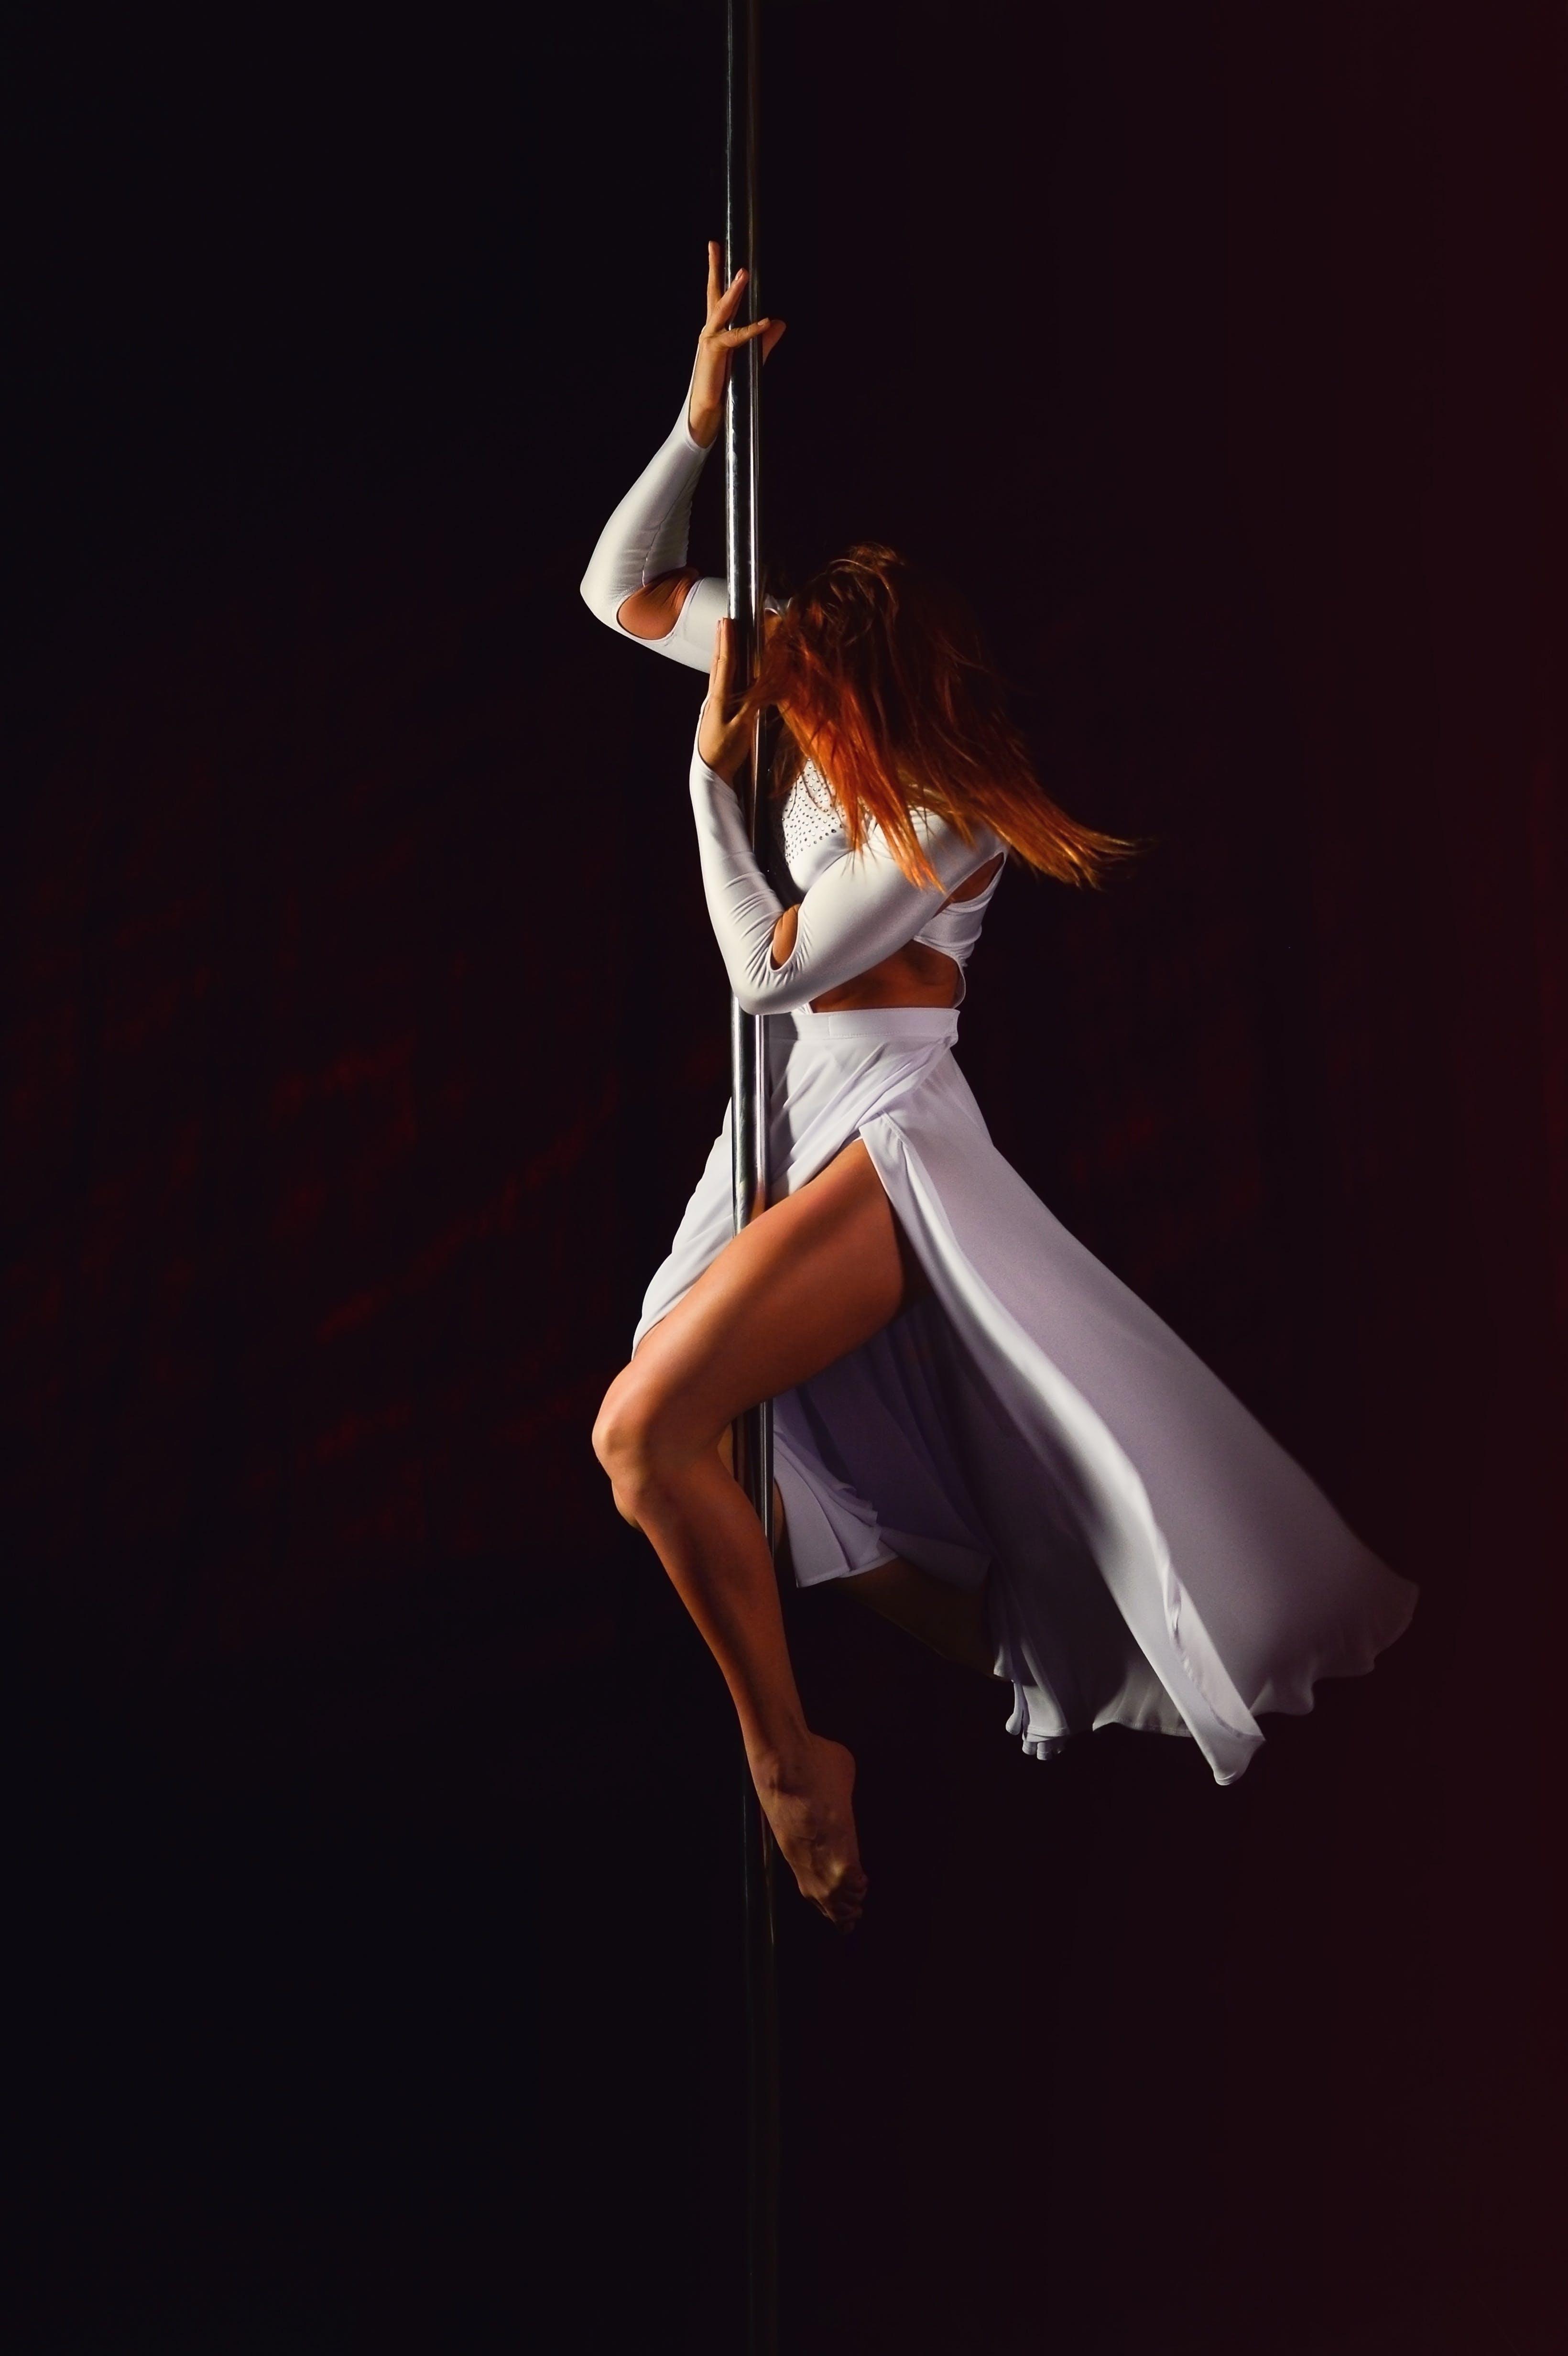 balance, dance, dancer